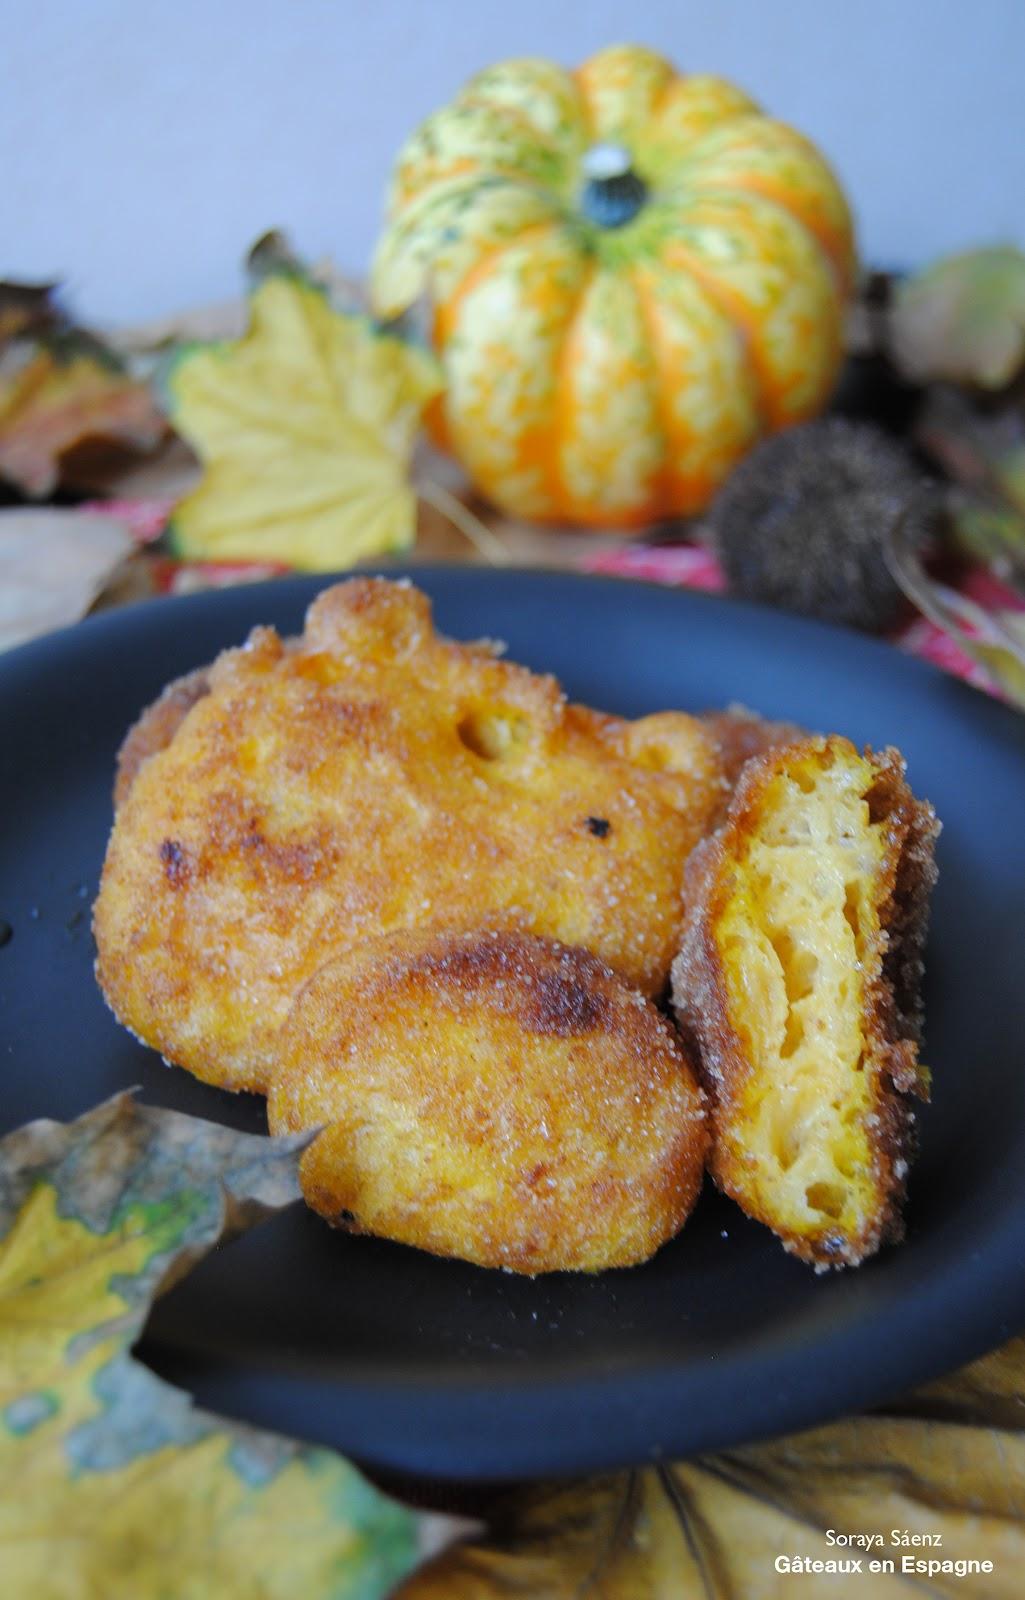 G teaux en espagne beignets de citrouille un dessert espagnol pour f ter la toussaint - Gateau a la citrouille facile ...